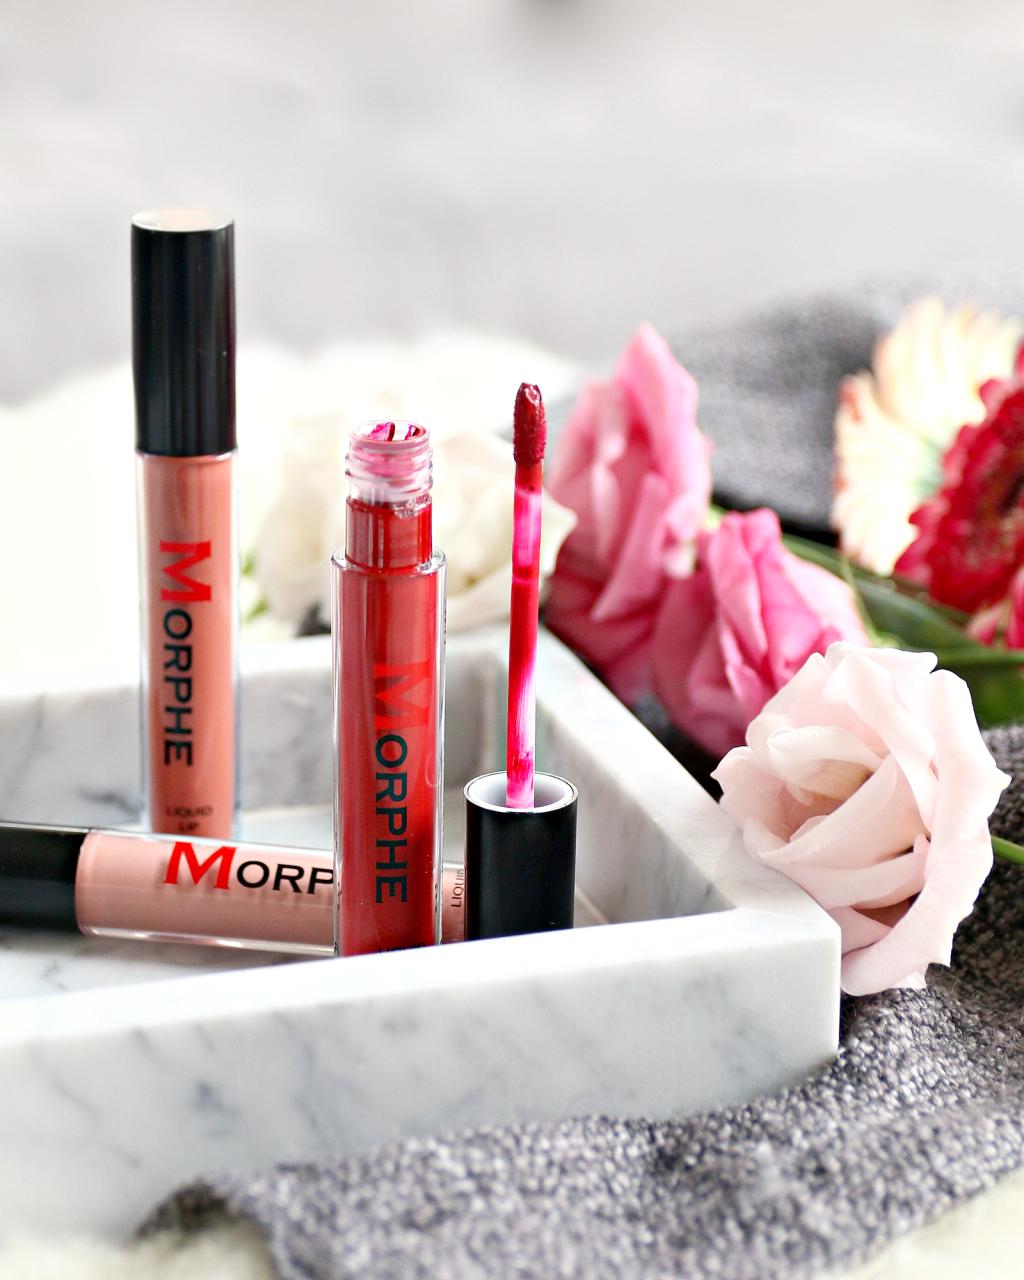 Morphe Liquid Lippies Lipstick De Lipsticks Zijn Verpakt In Doorzichtige Hulzen Met Daarop Het Niet Zo Hle Mooie Ja Sorry Hoor Logo Gedrukt